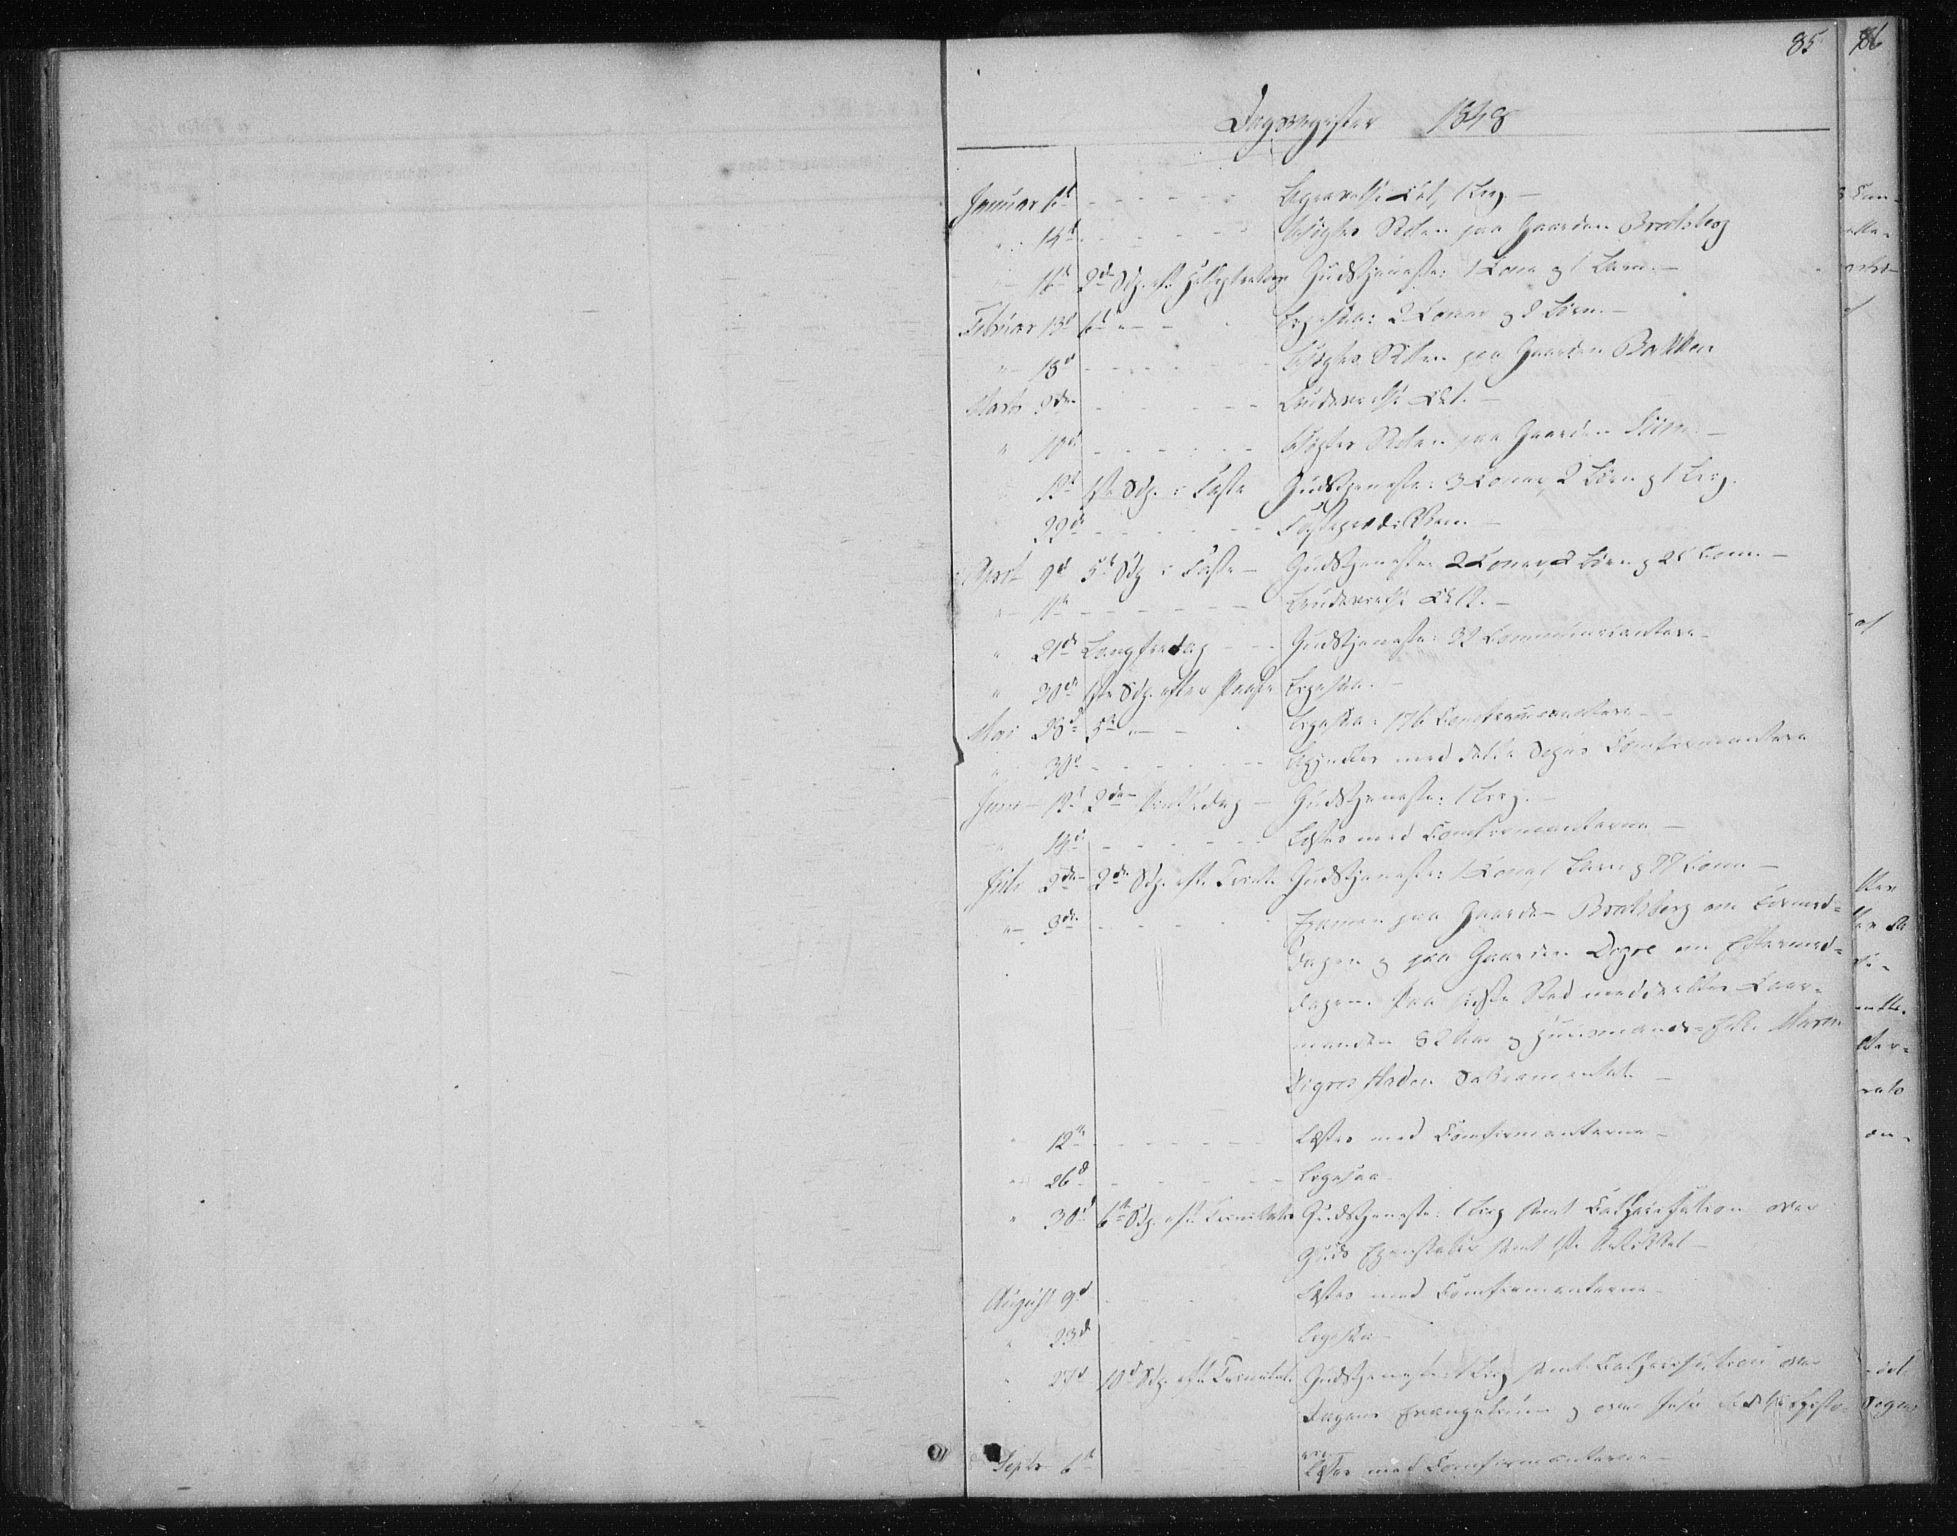 SAT, Ministerialprotokoller, klokkerbøker og fødselsregistre - Sør-Trøndelag, 608/L0332: Ministerialbok nr. 608A01, 1848-1861, s. 85